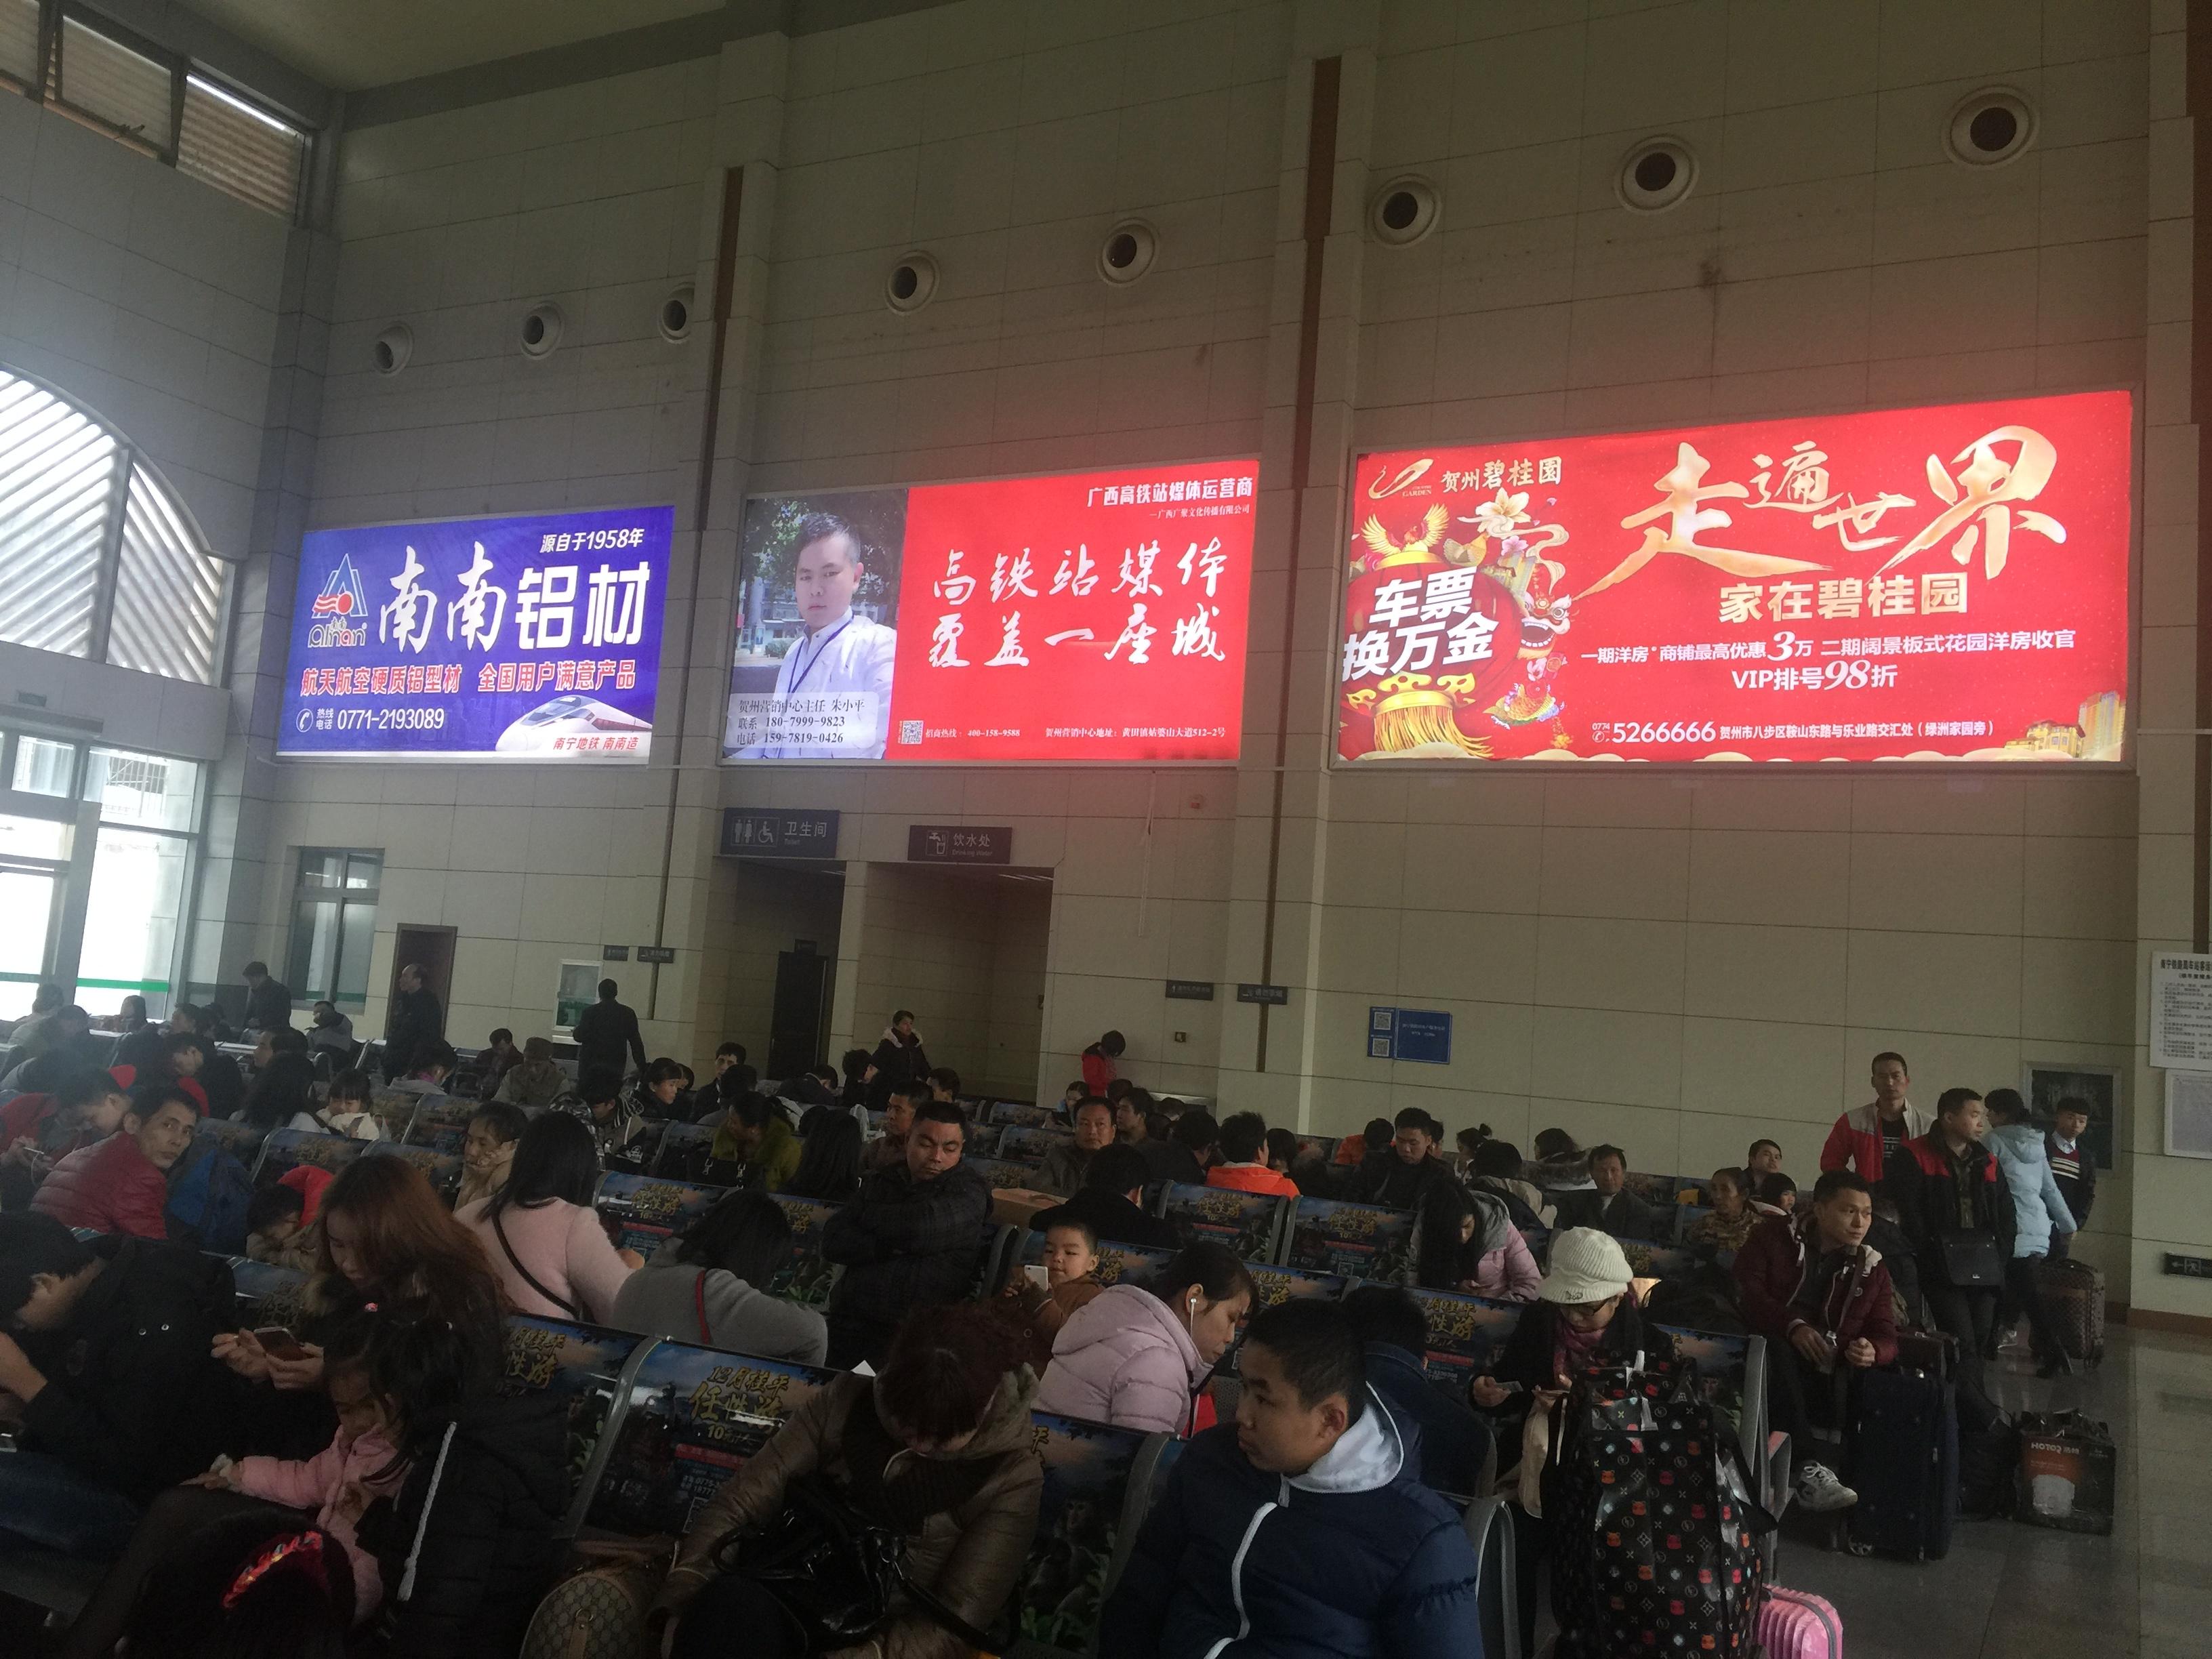 广西贺州市贺州站火车站高铁站地下通道灯箱媒体广告位